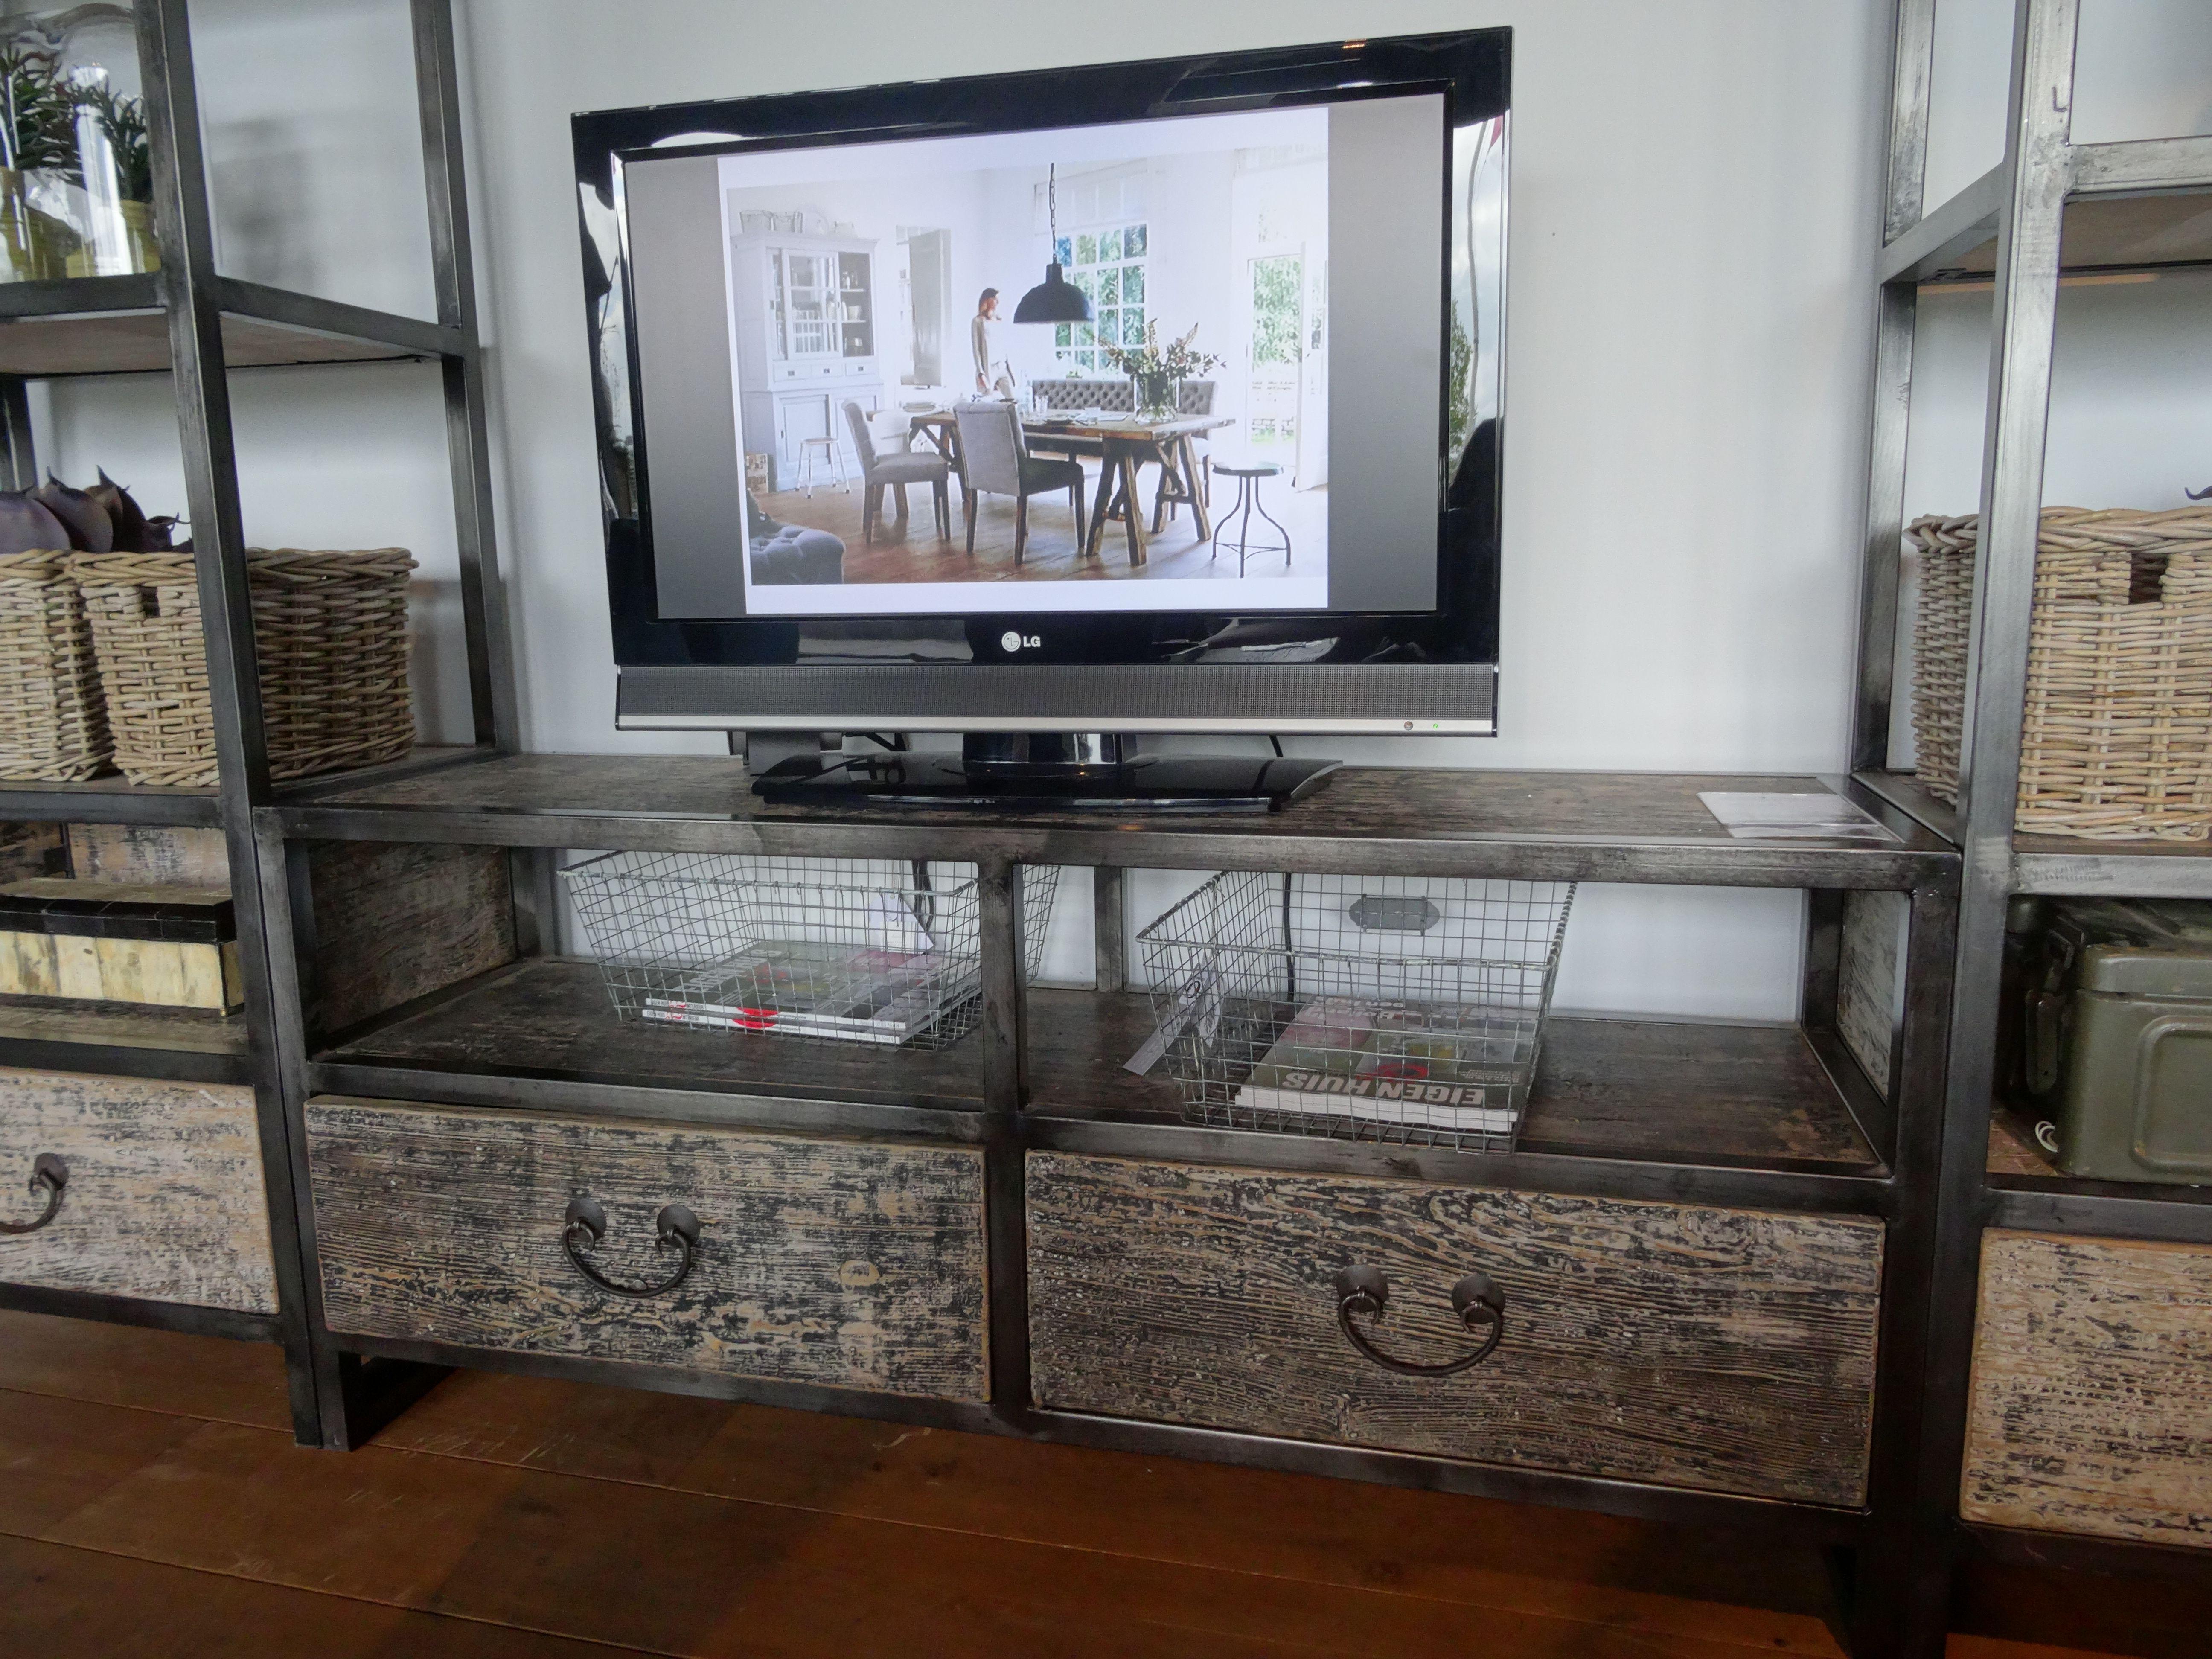 Kast Grijs Hout : Tv meubel grijs hout met staal kabinet zonder hoge kasten nuwe